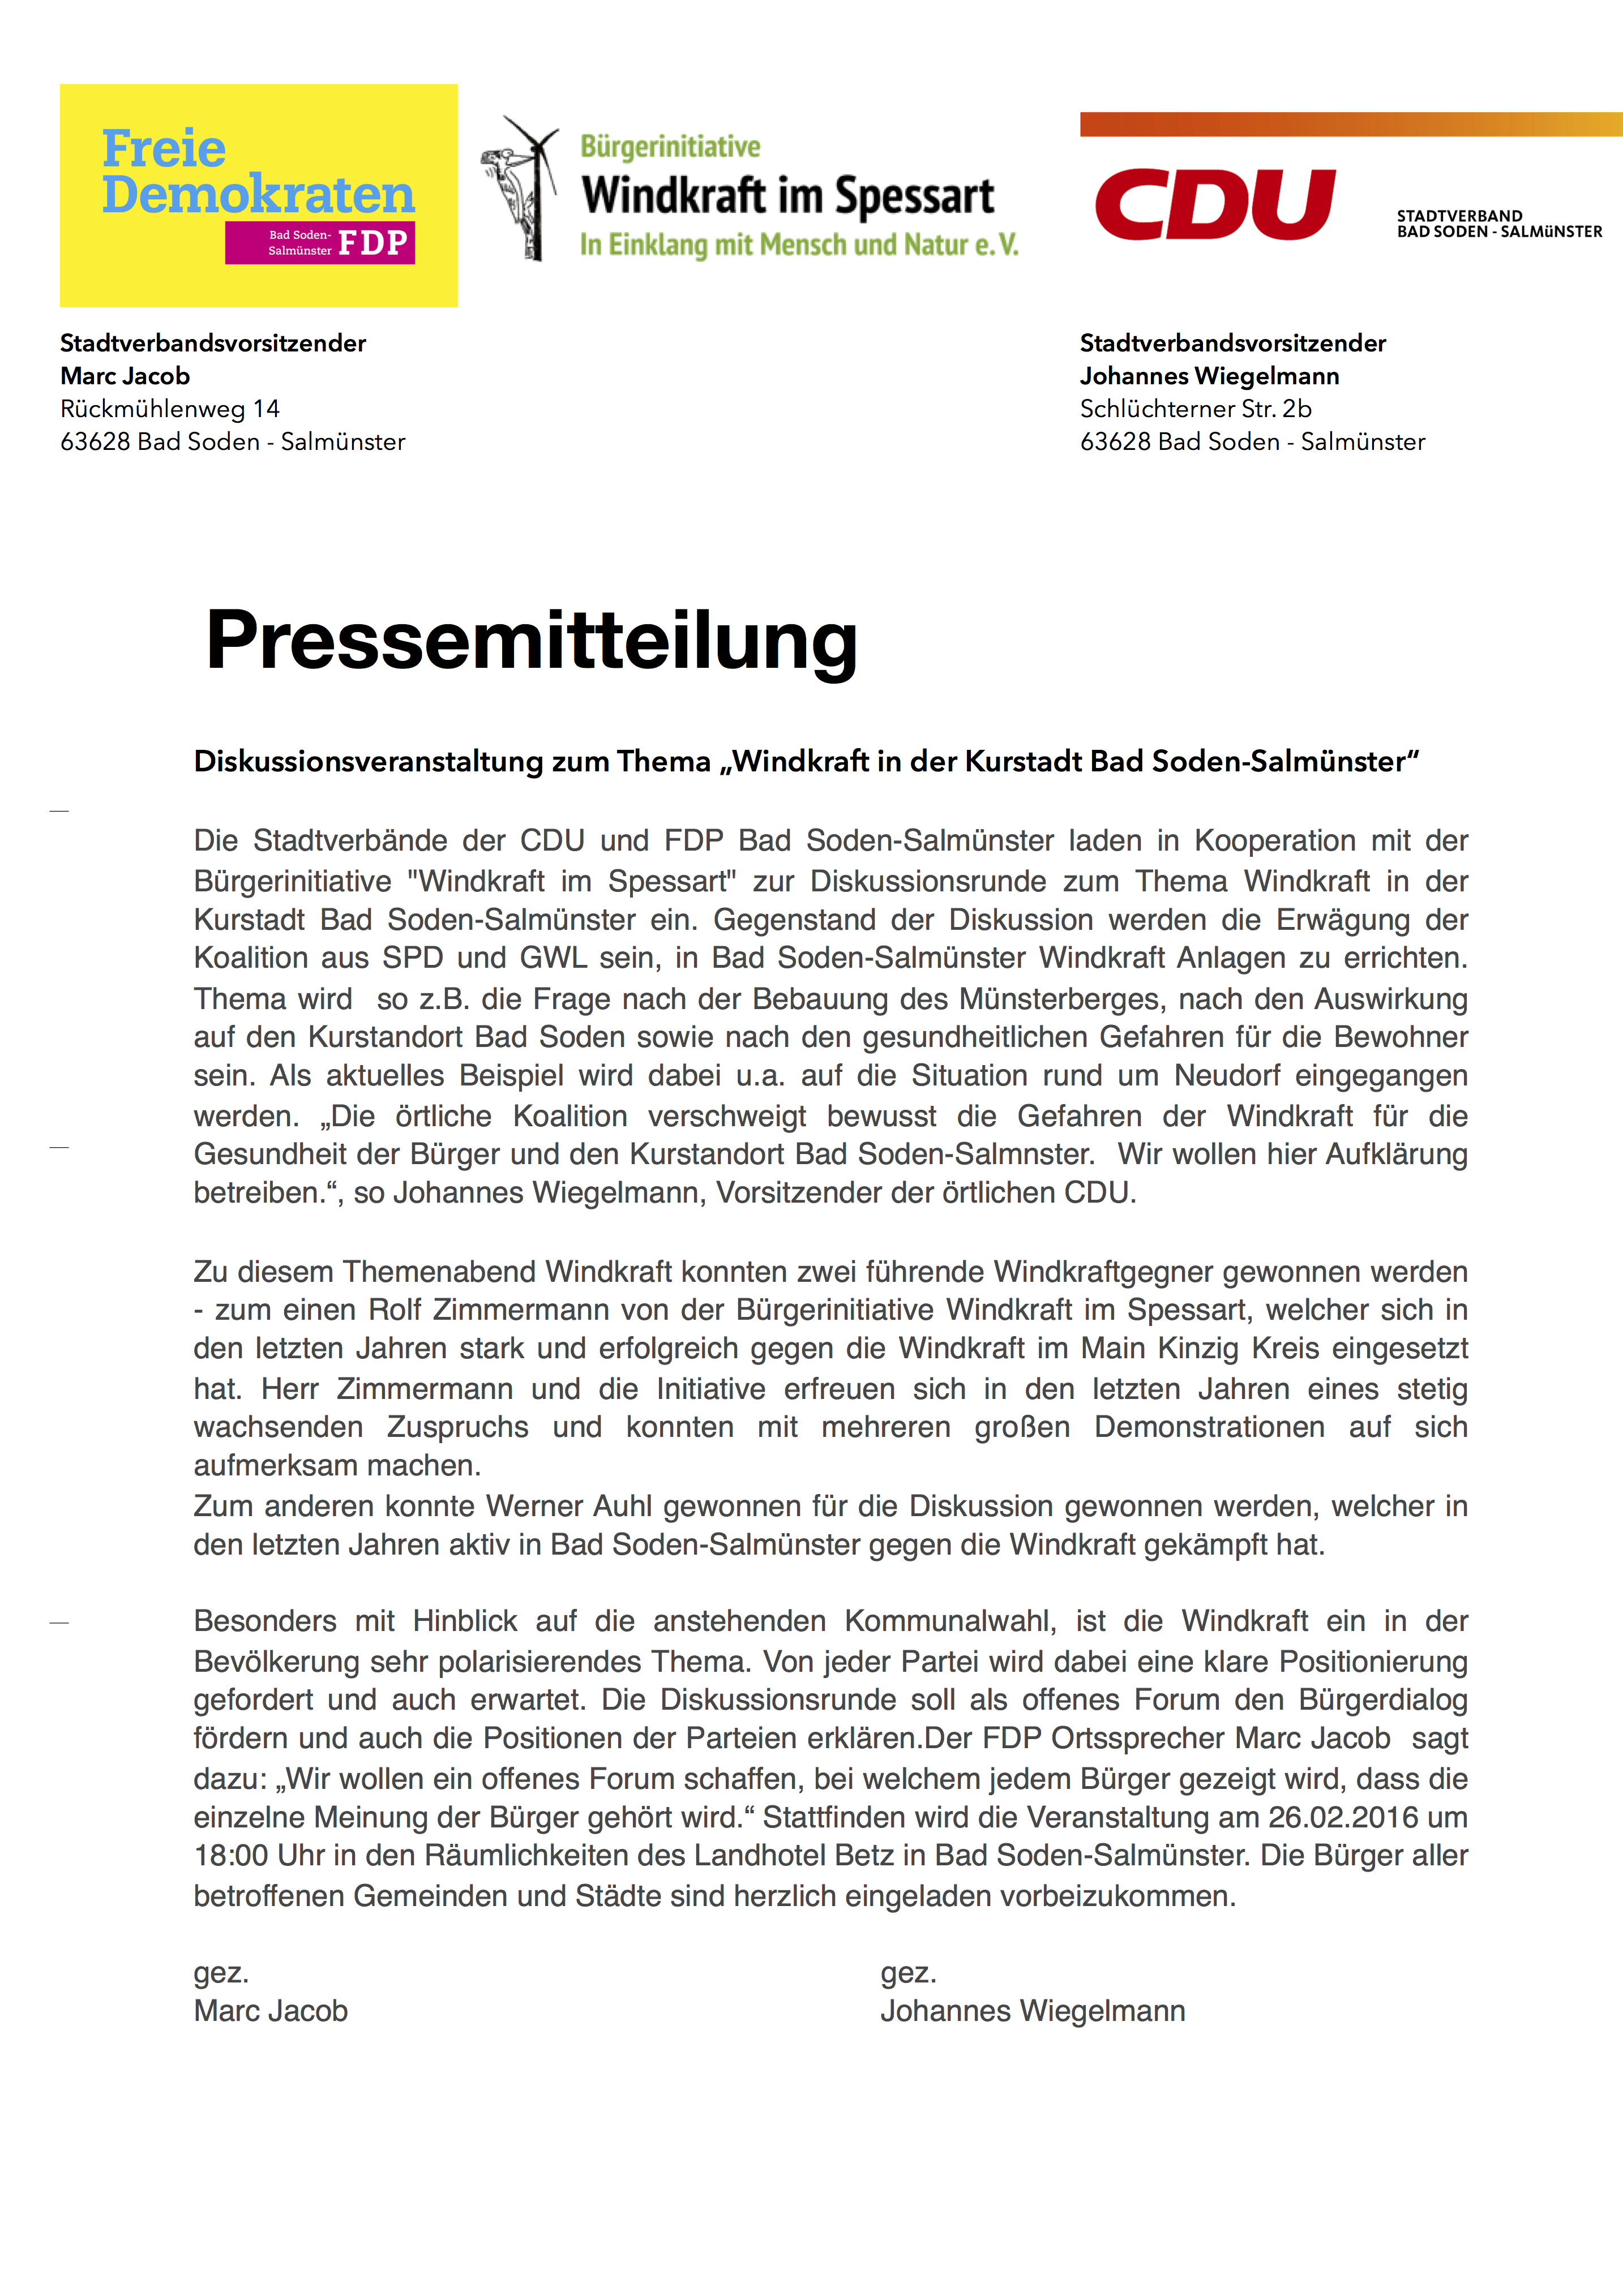 2016-02-16 Pressemitteilung Diskussionsveranstaltung Windkraft